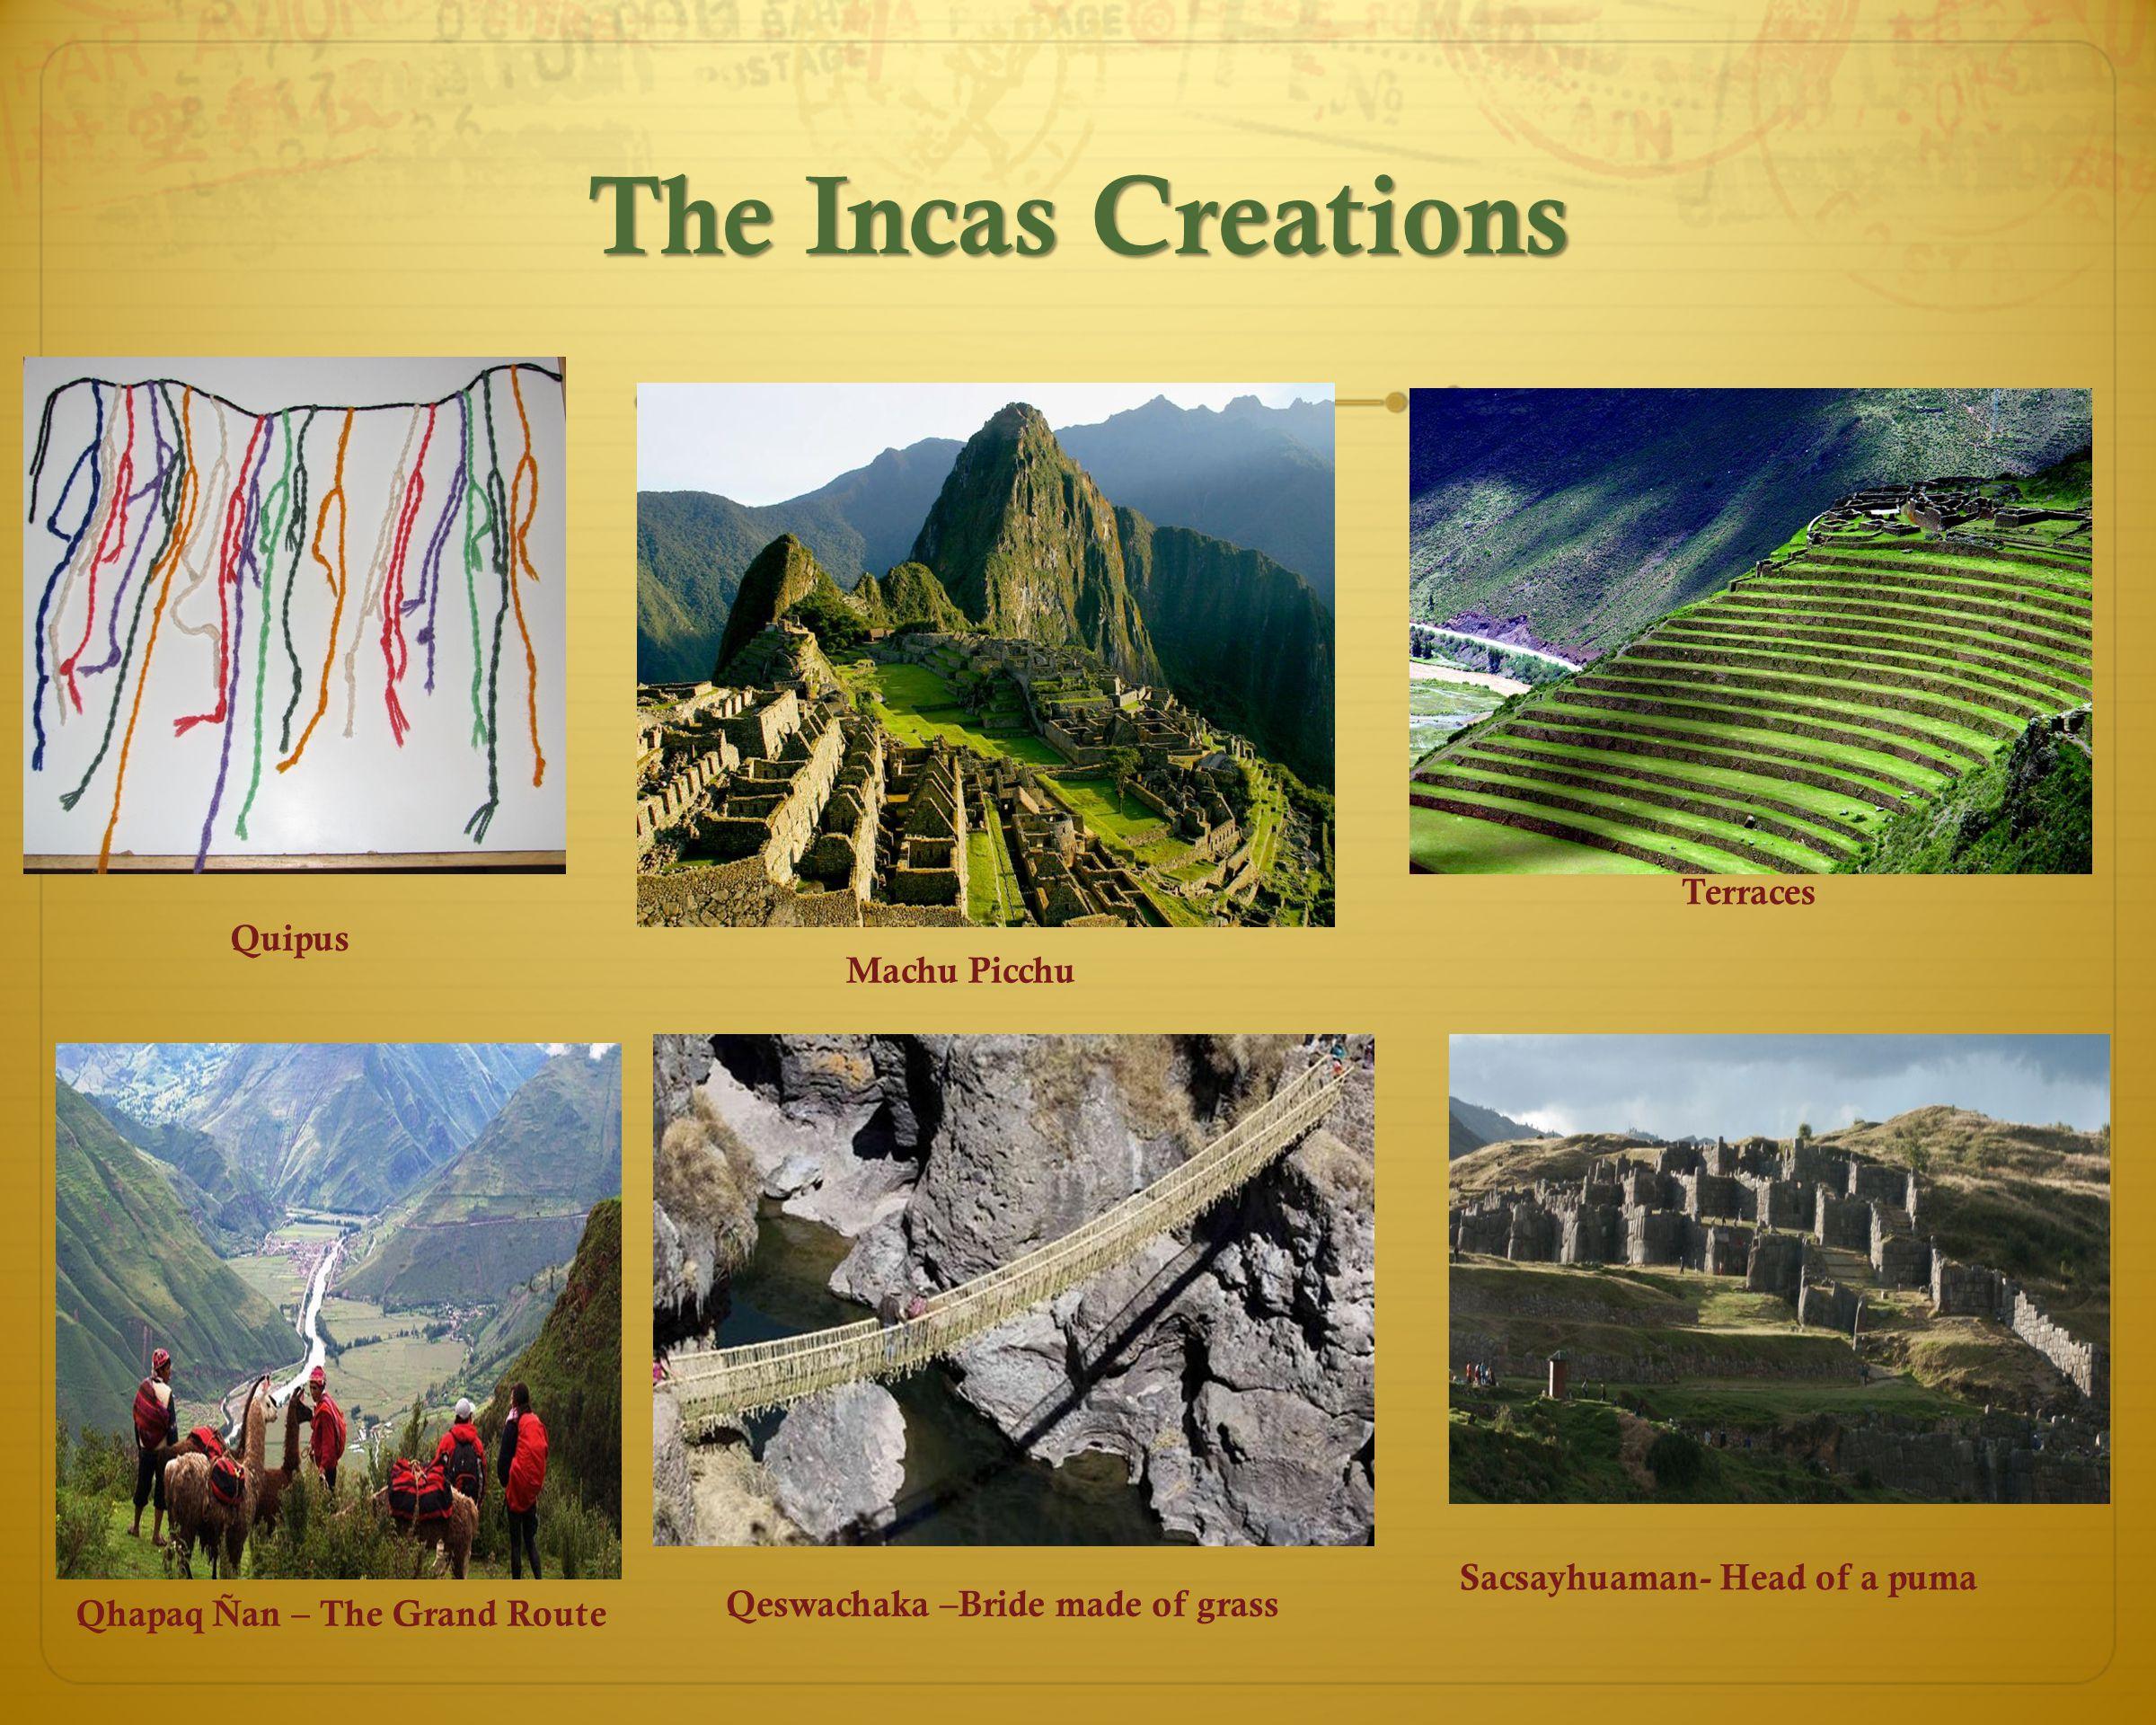 The Incas Creations Qhapaq Ñan – The Grand Route Machu Picchu Quipus Terraces Qeswachaka –Bride made of grass Sacsayhuaman- Head of a puma